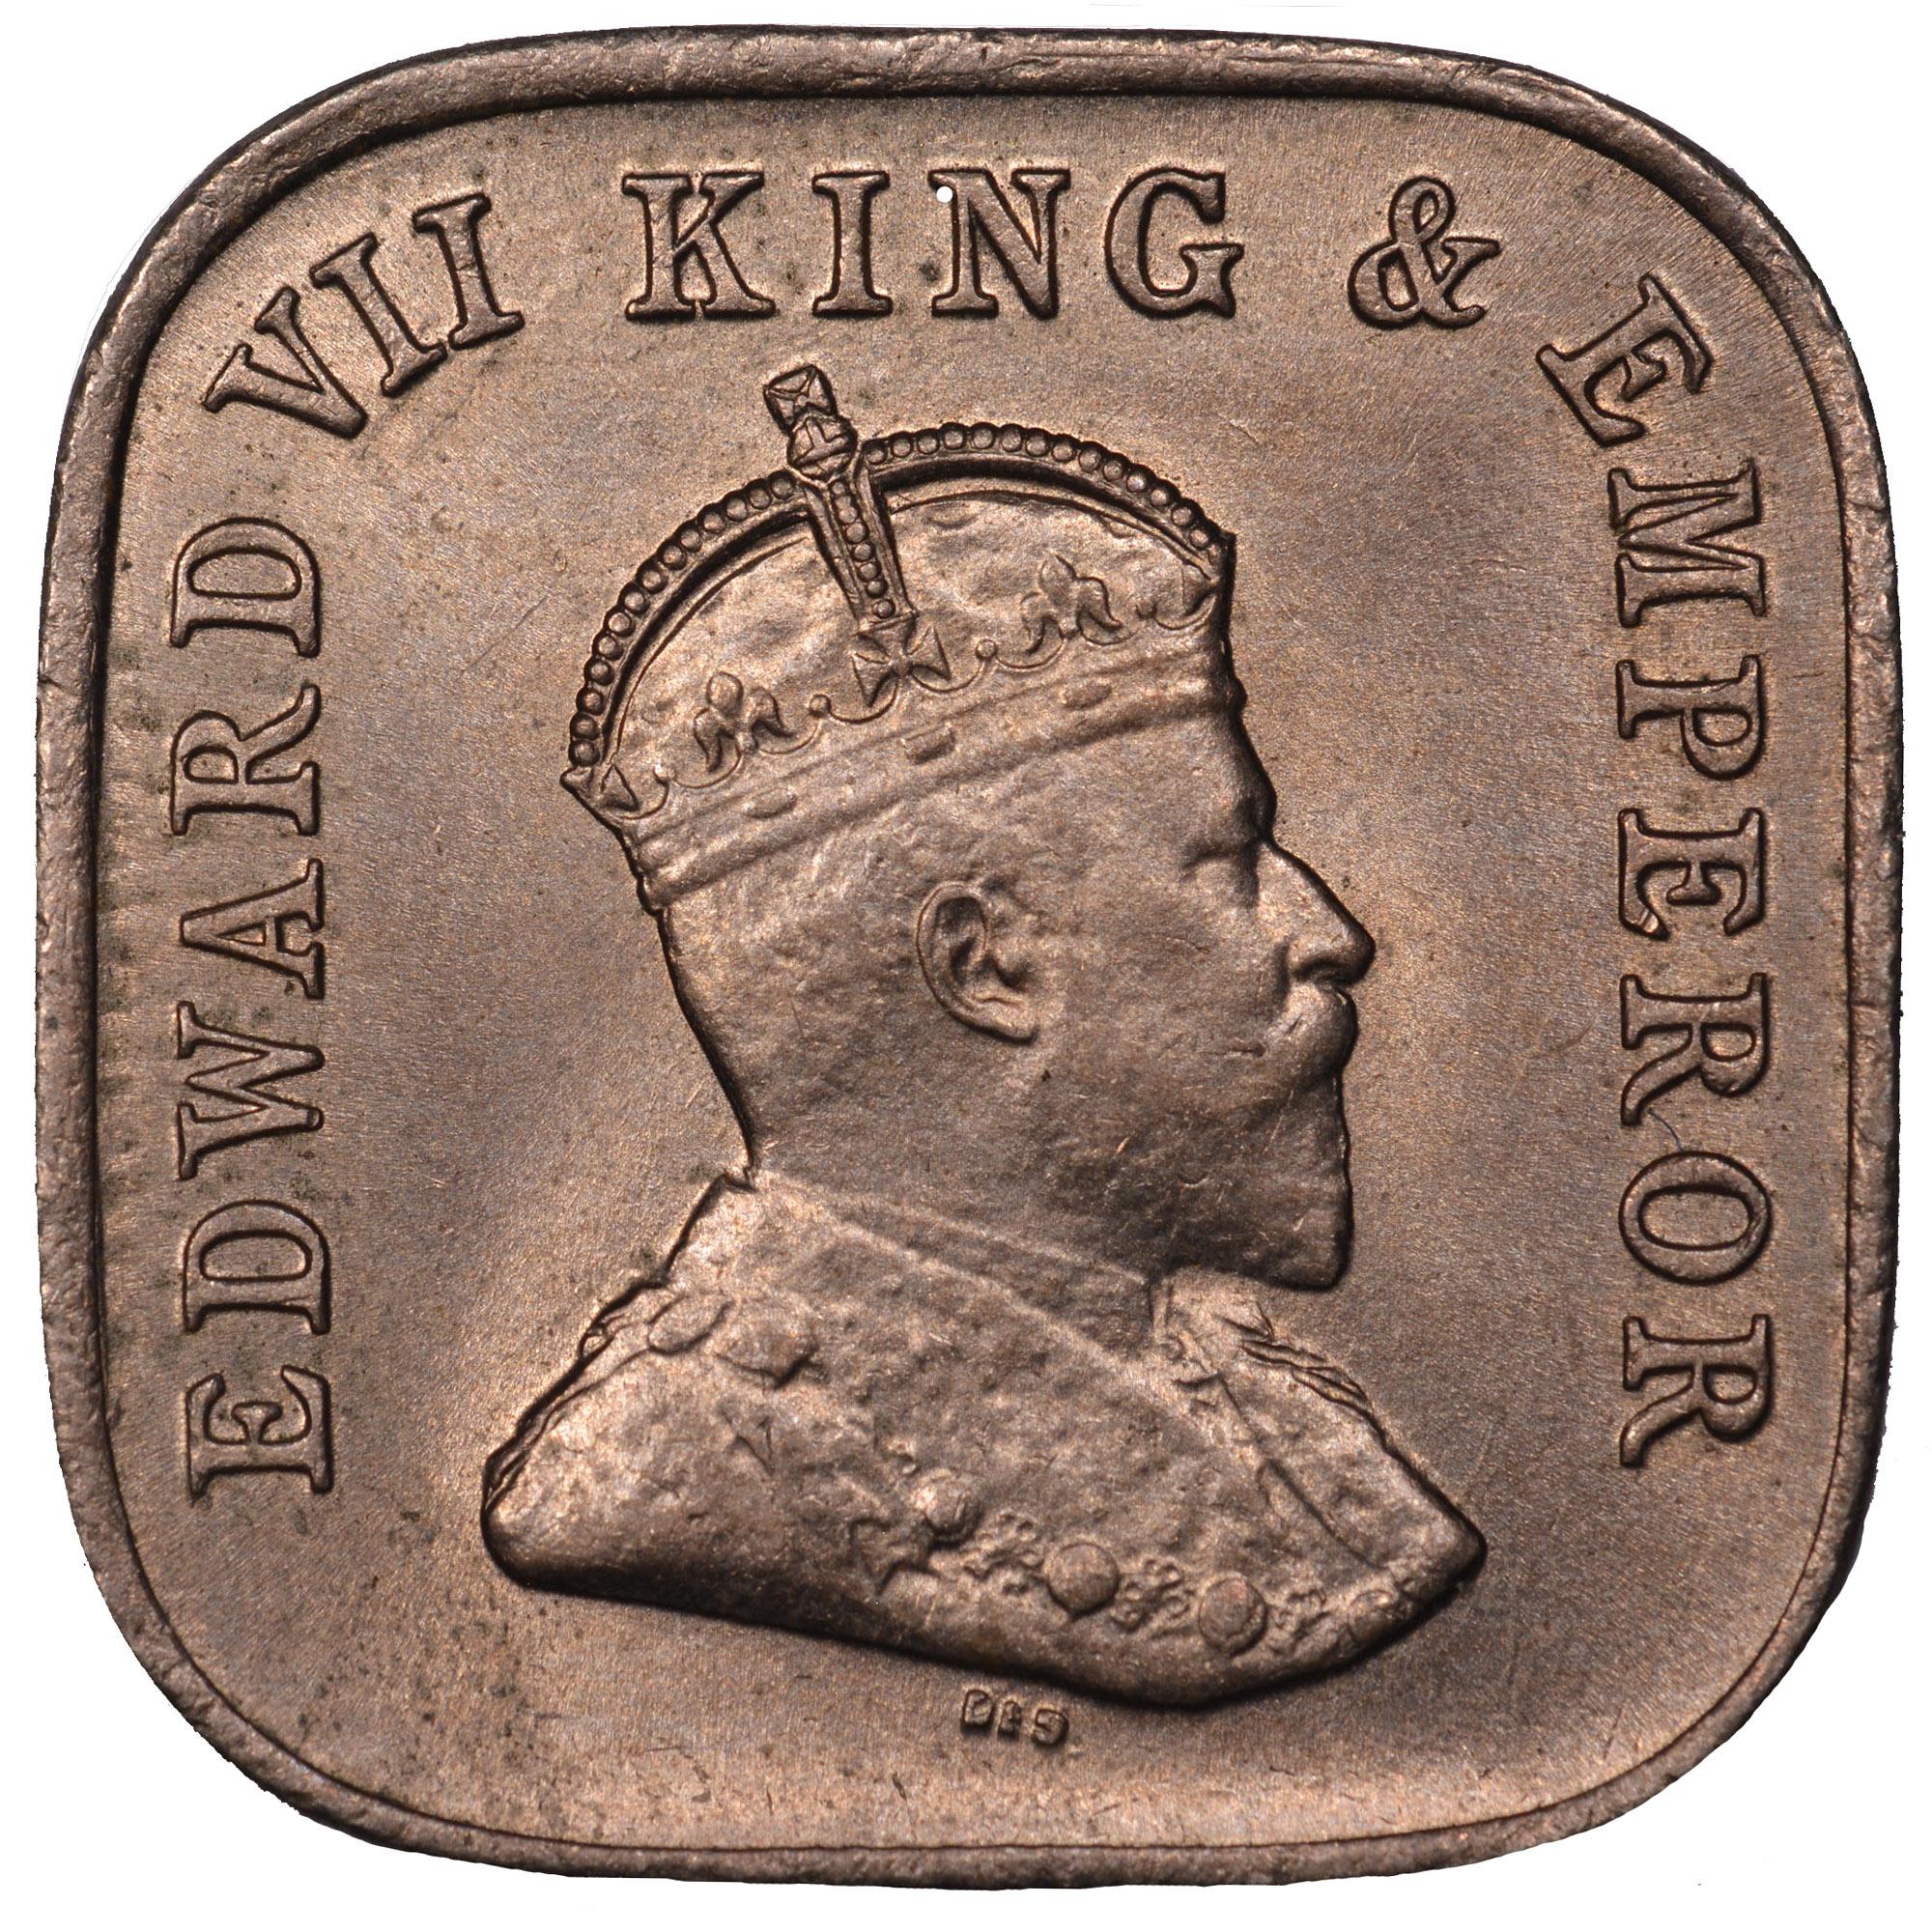 1909-1910 Ceylon 5 Cents obverse